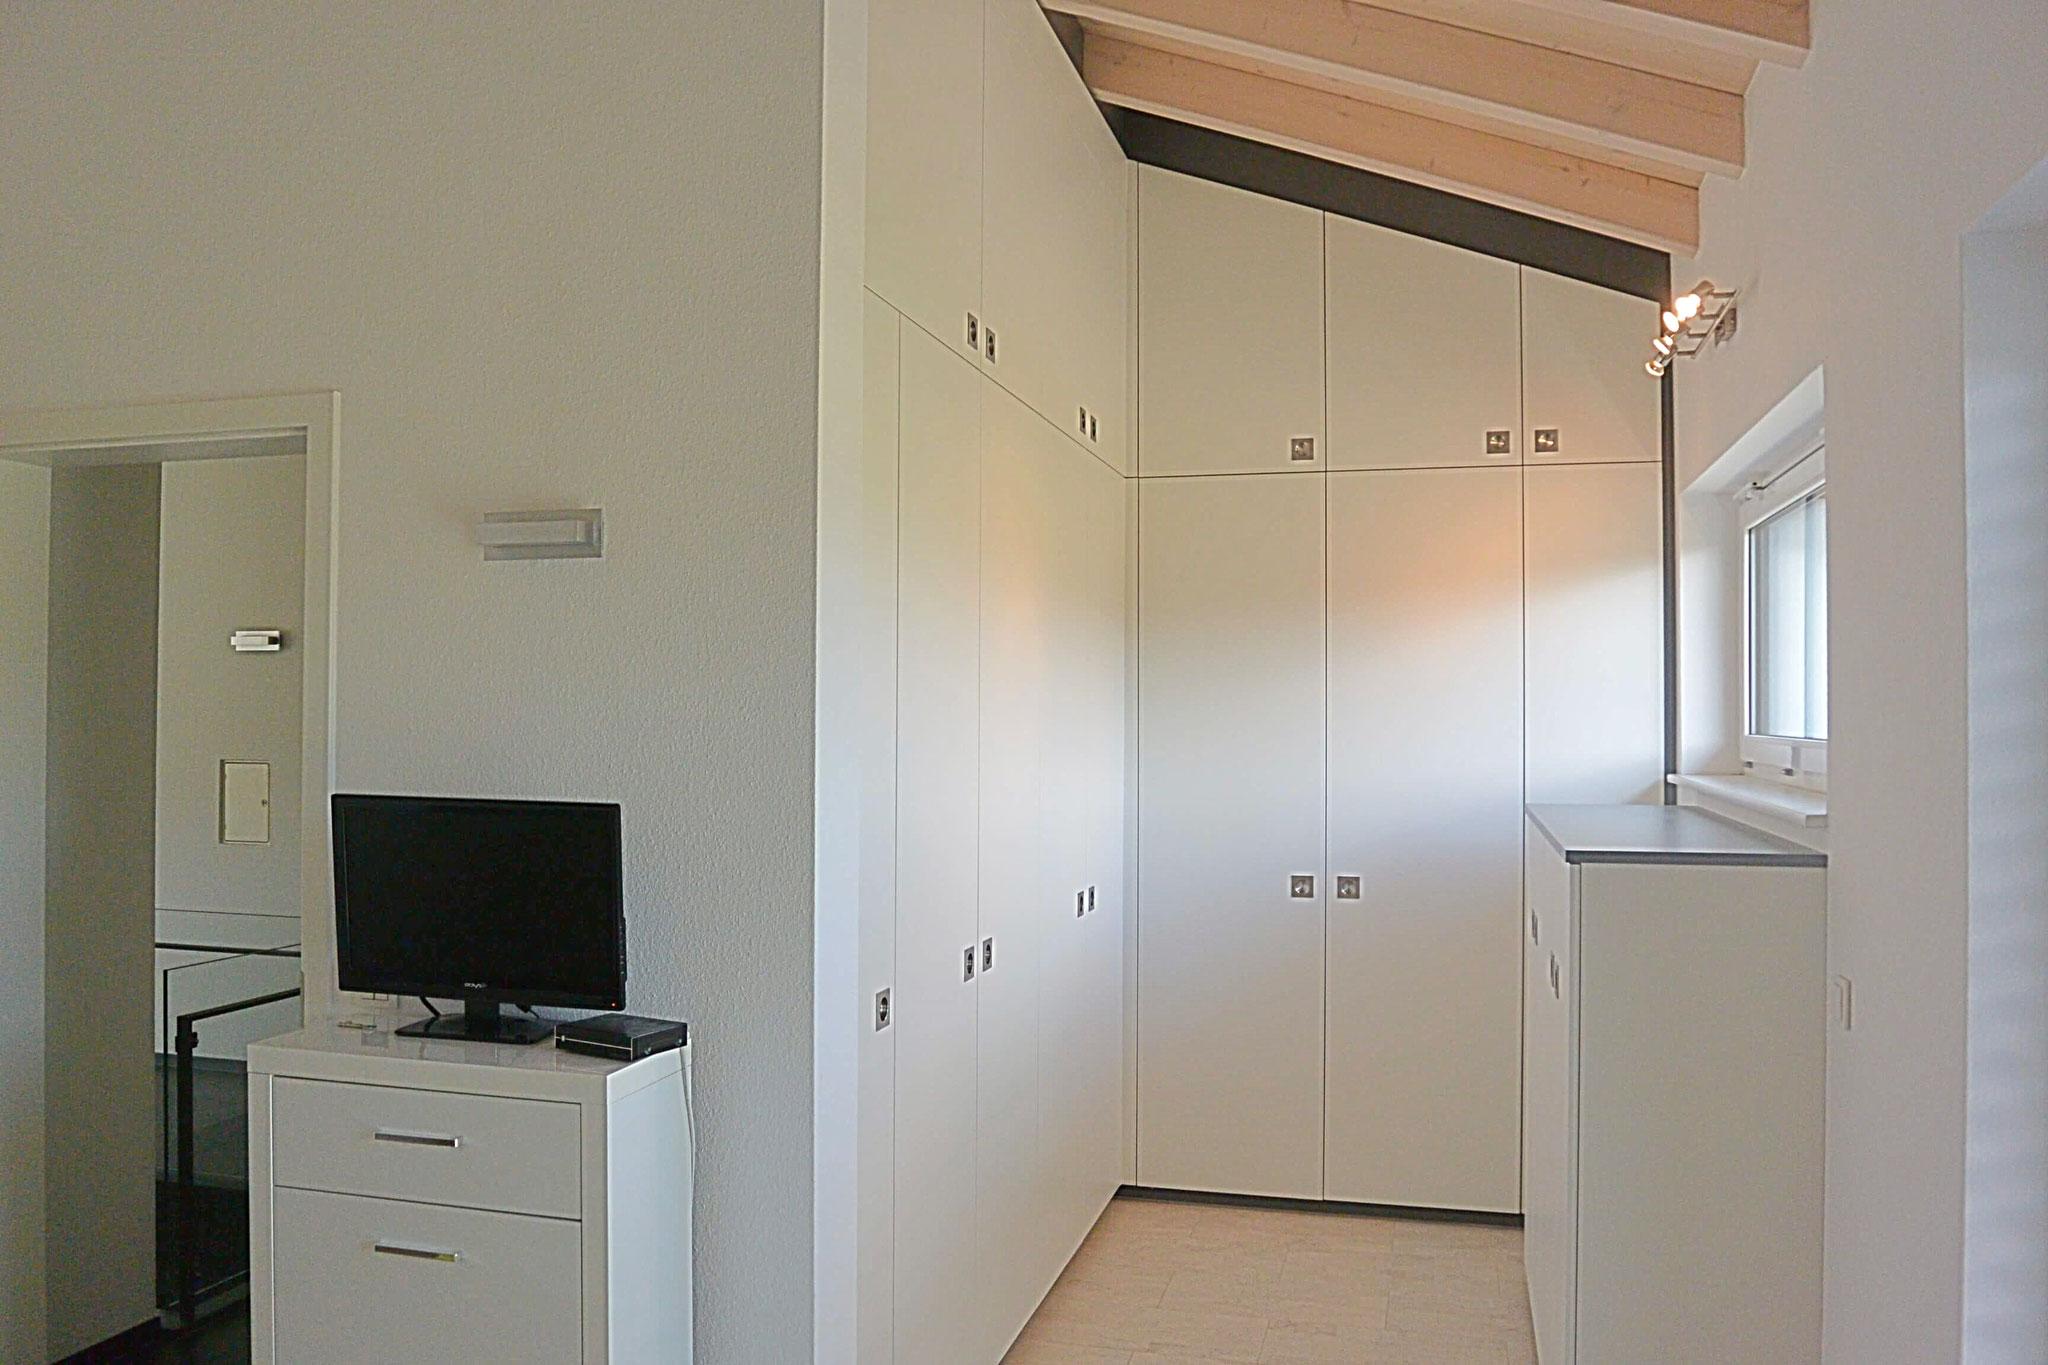 Einbauschränke in Dachschrägen - Holzdesign Rapp Geisingen